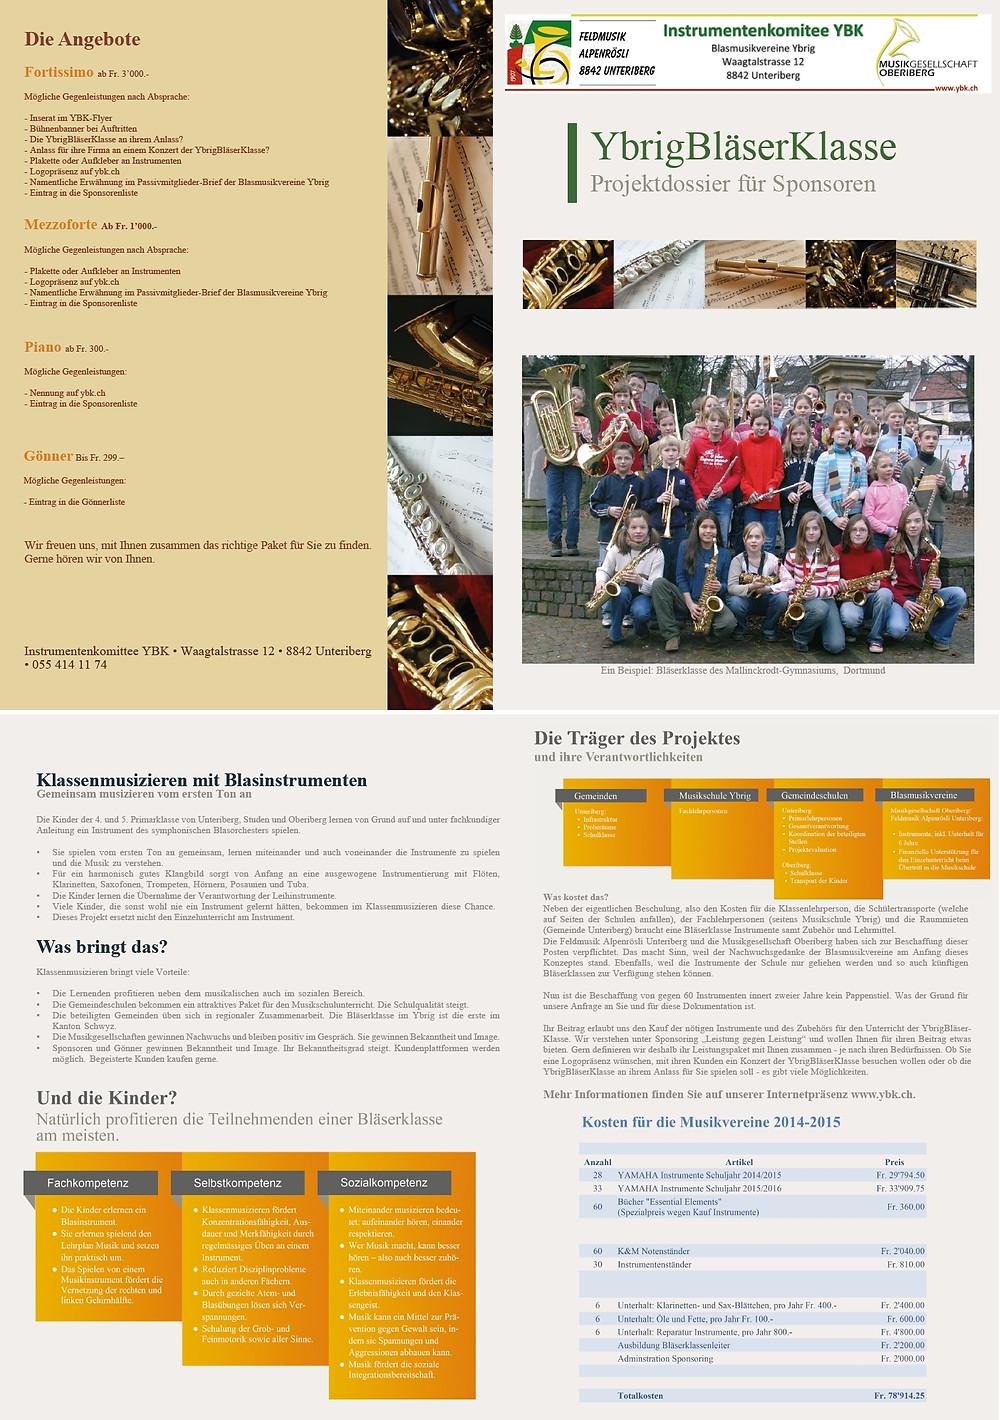 Sponsoringdossier erstellt und gedruckt durch Office Helpers